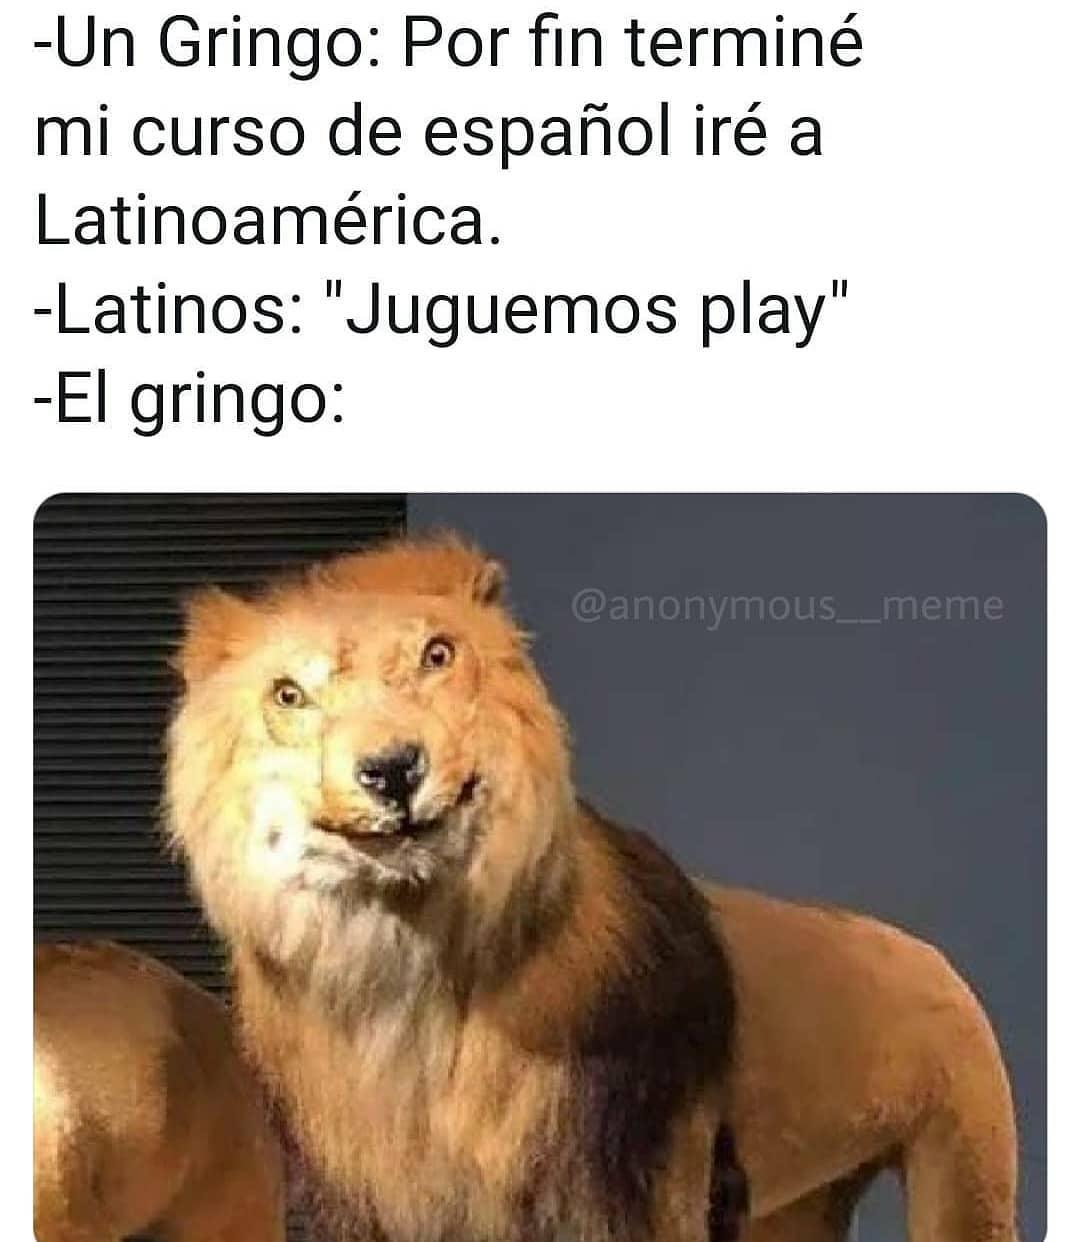 """Un Gringo: Por fin terminé mi curso de español iré a Latinoamérica.  Latinos: """"Juguemos play"""".  El gringo:"""